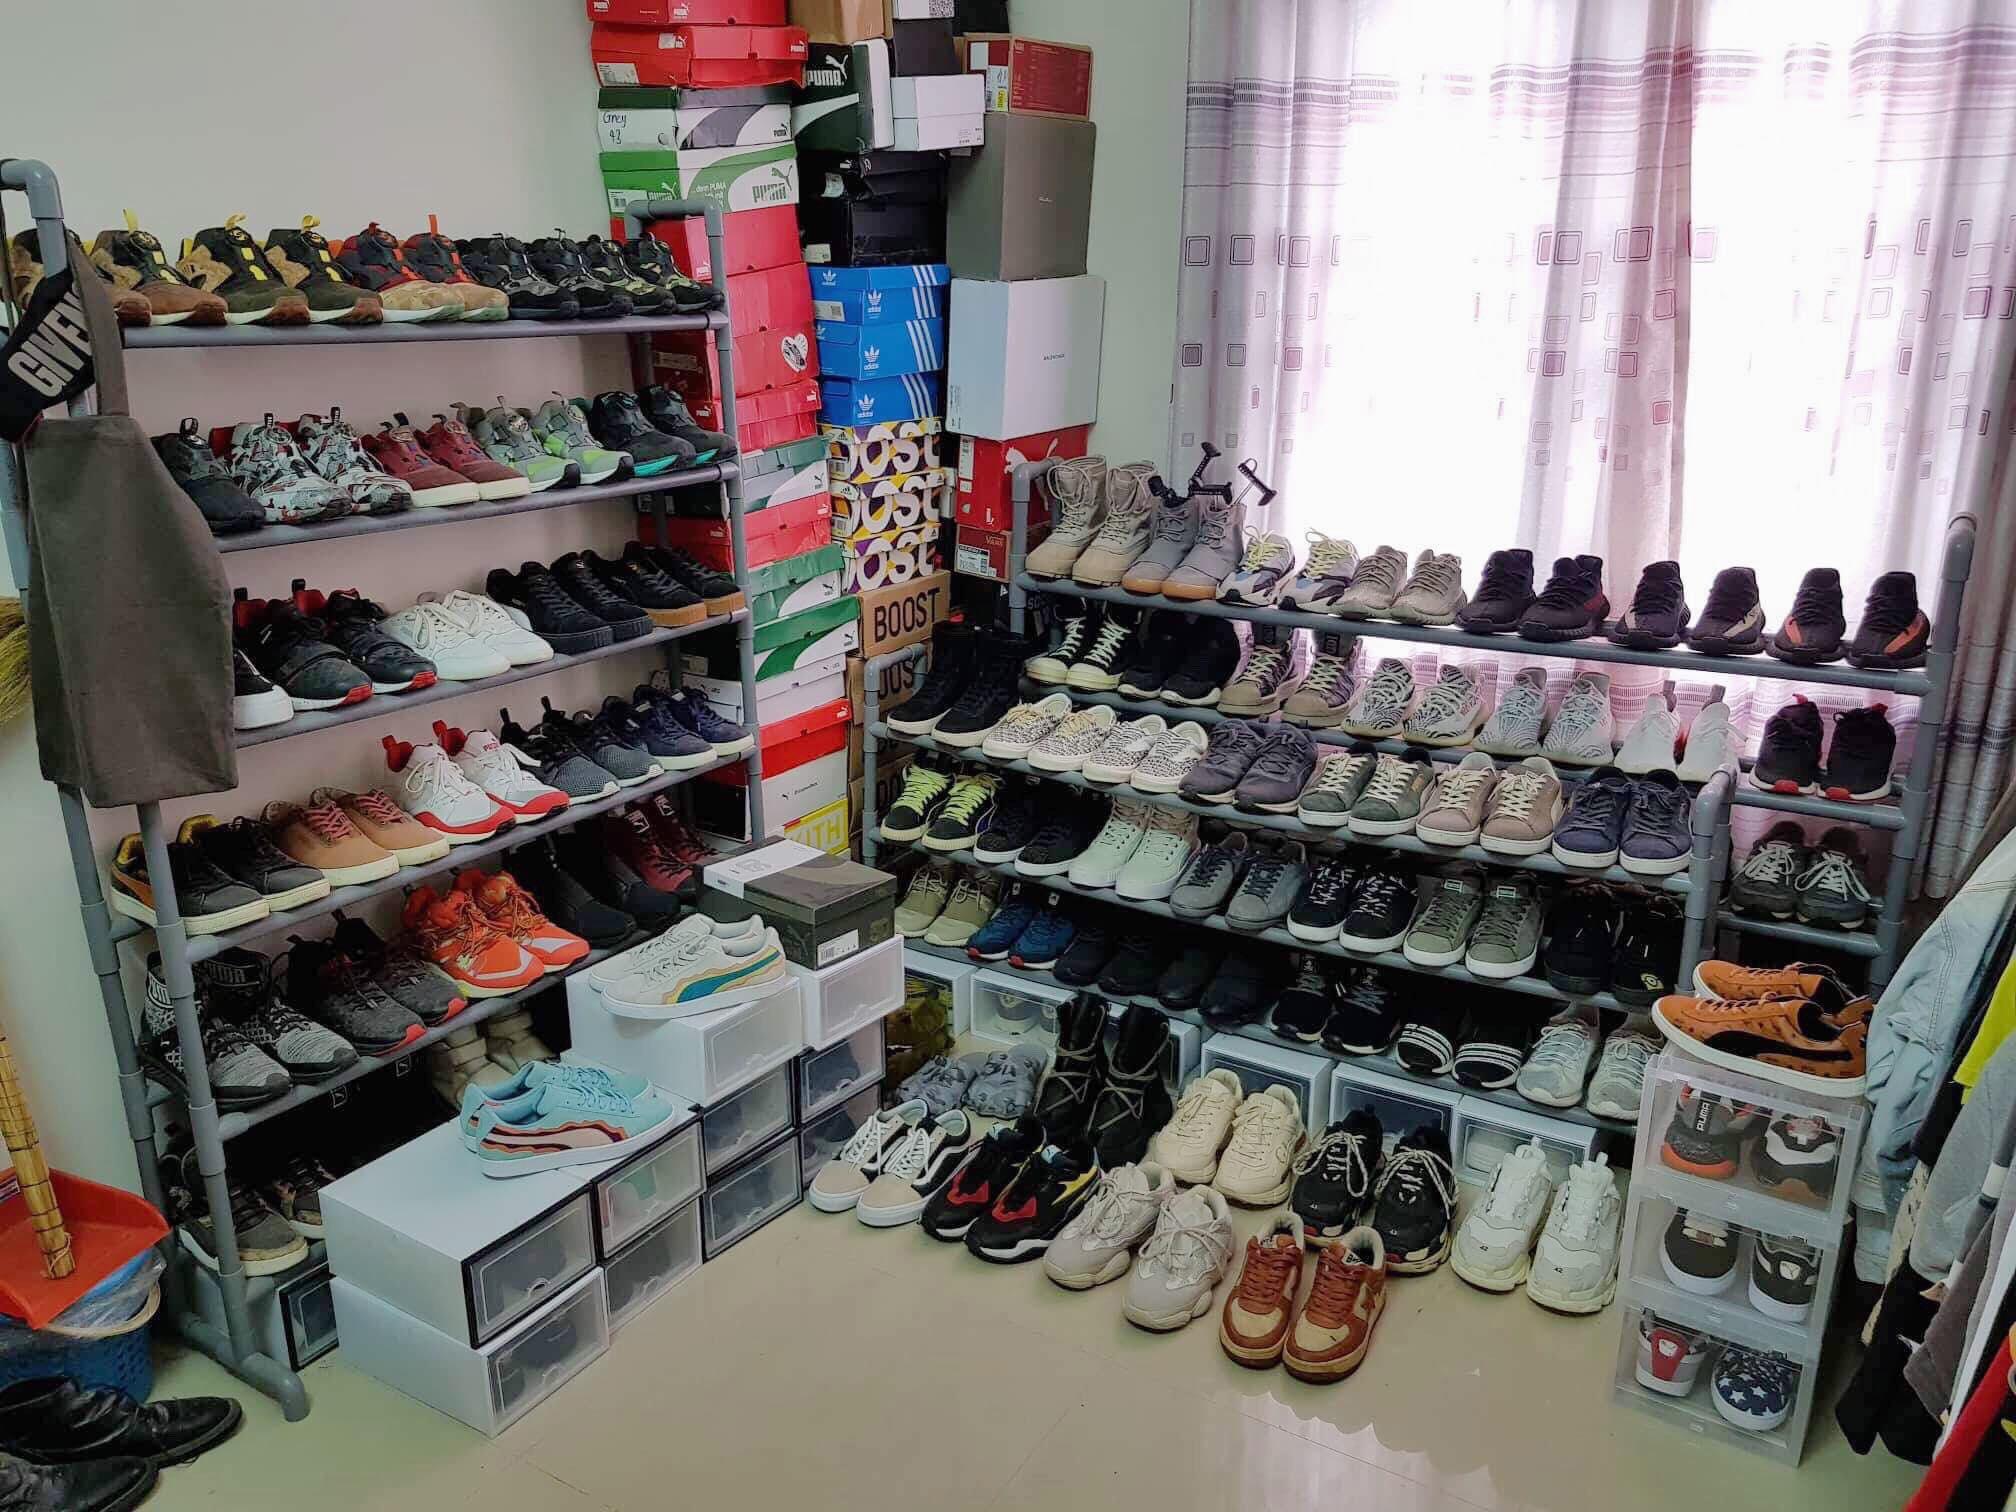 ... và bộ sưu tập những đôi giày hàng hiệu, chất lừ.